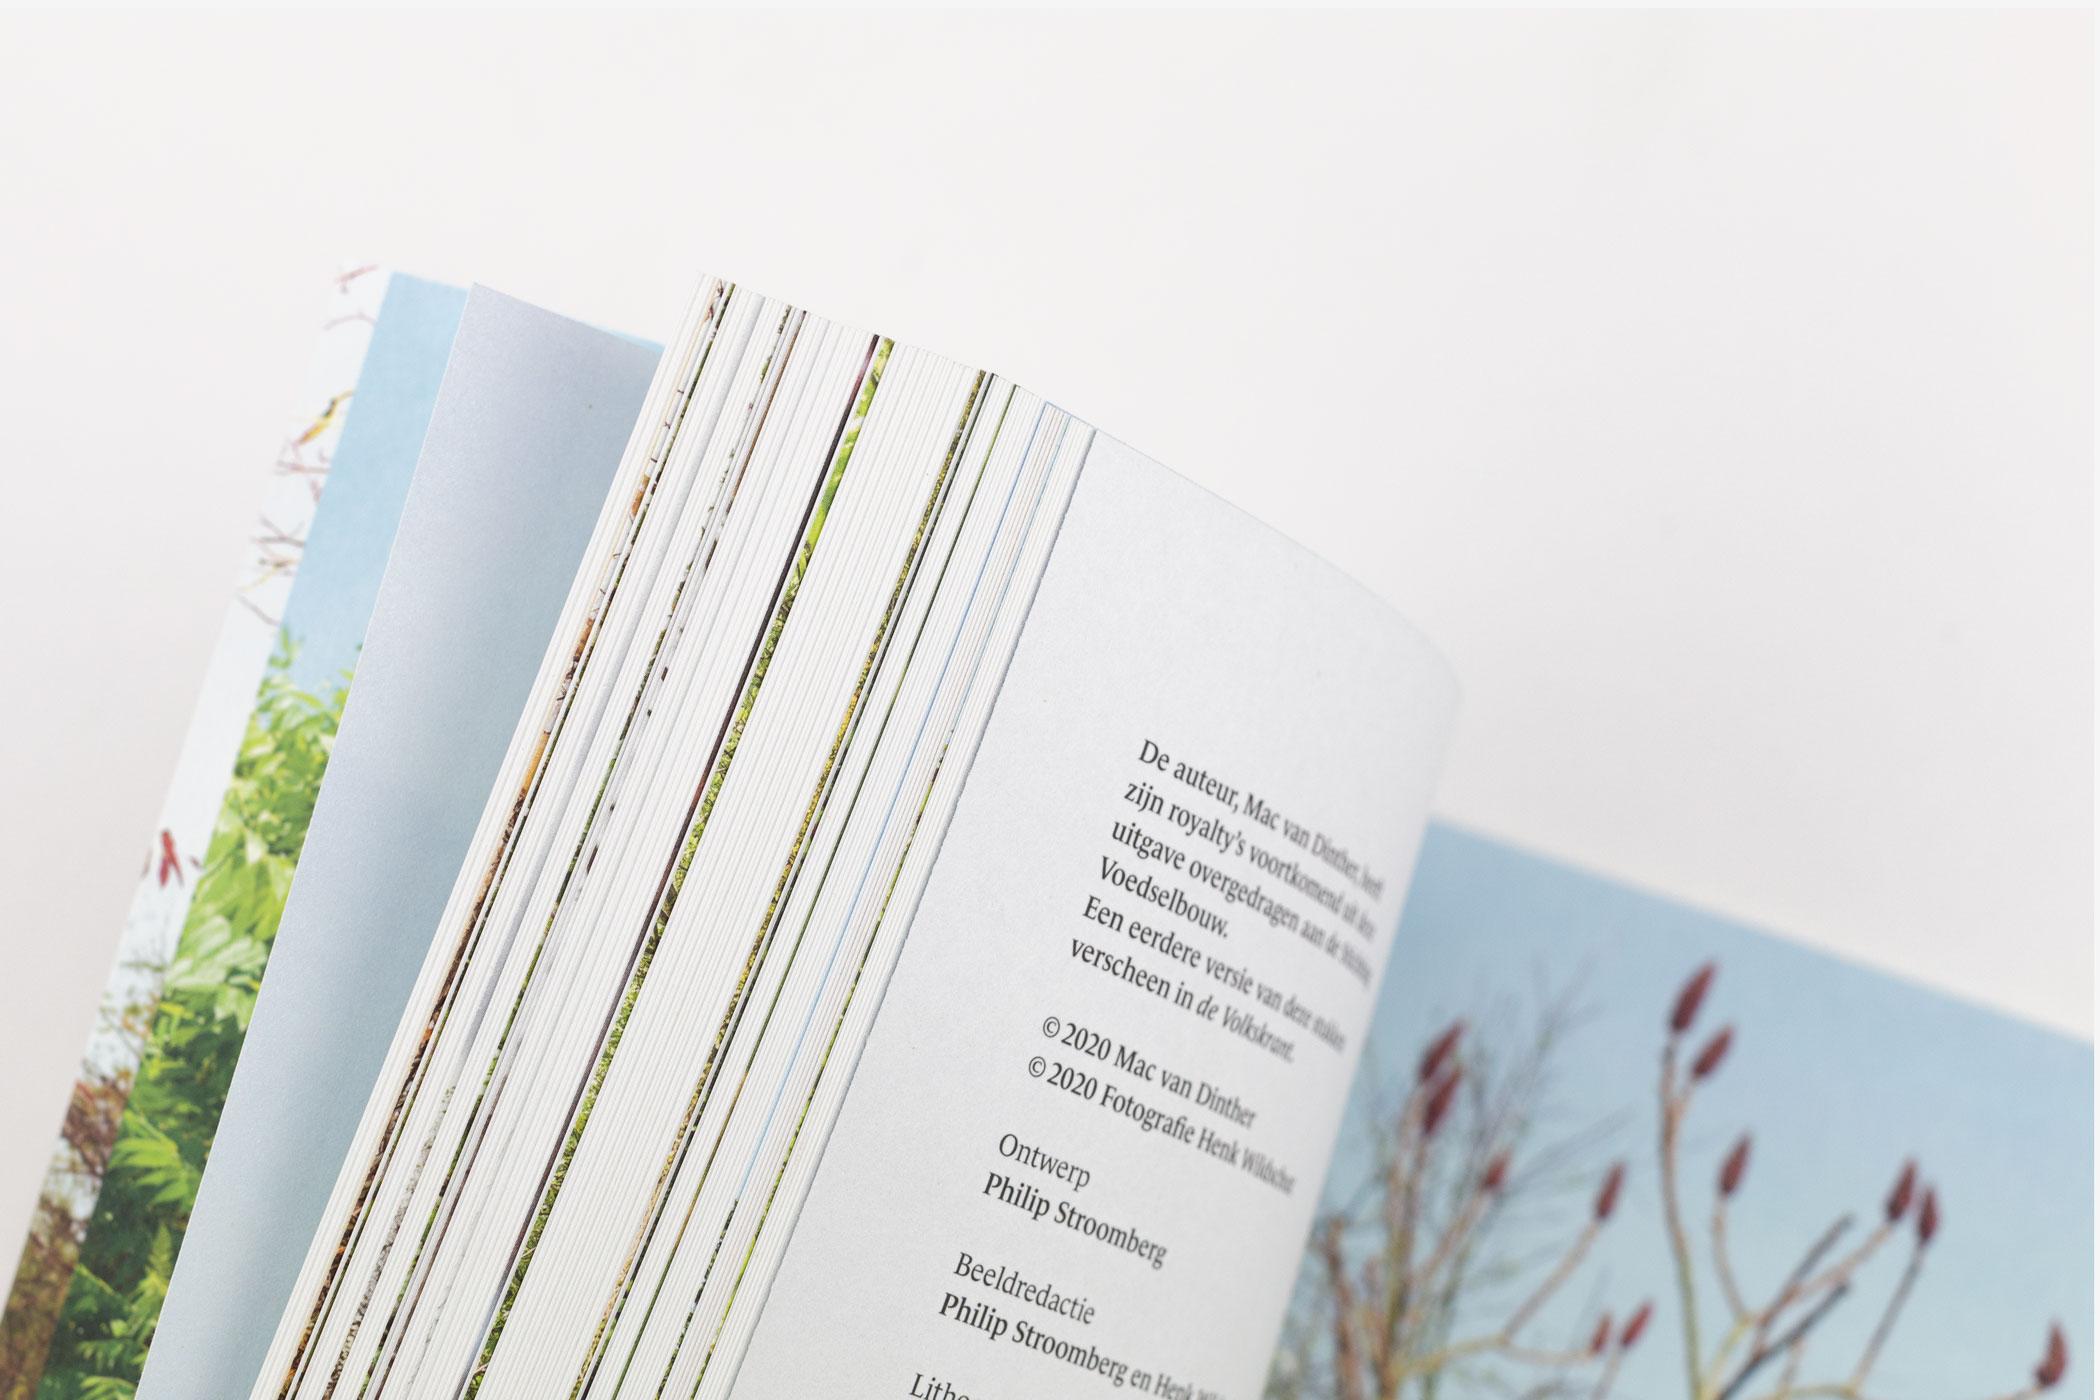 Het Voedselbos. Vier Seizoenen Ketelbroek van Mac van Dinther. Ontwerp: Philip Stroomberg